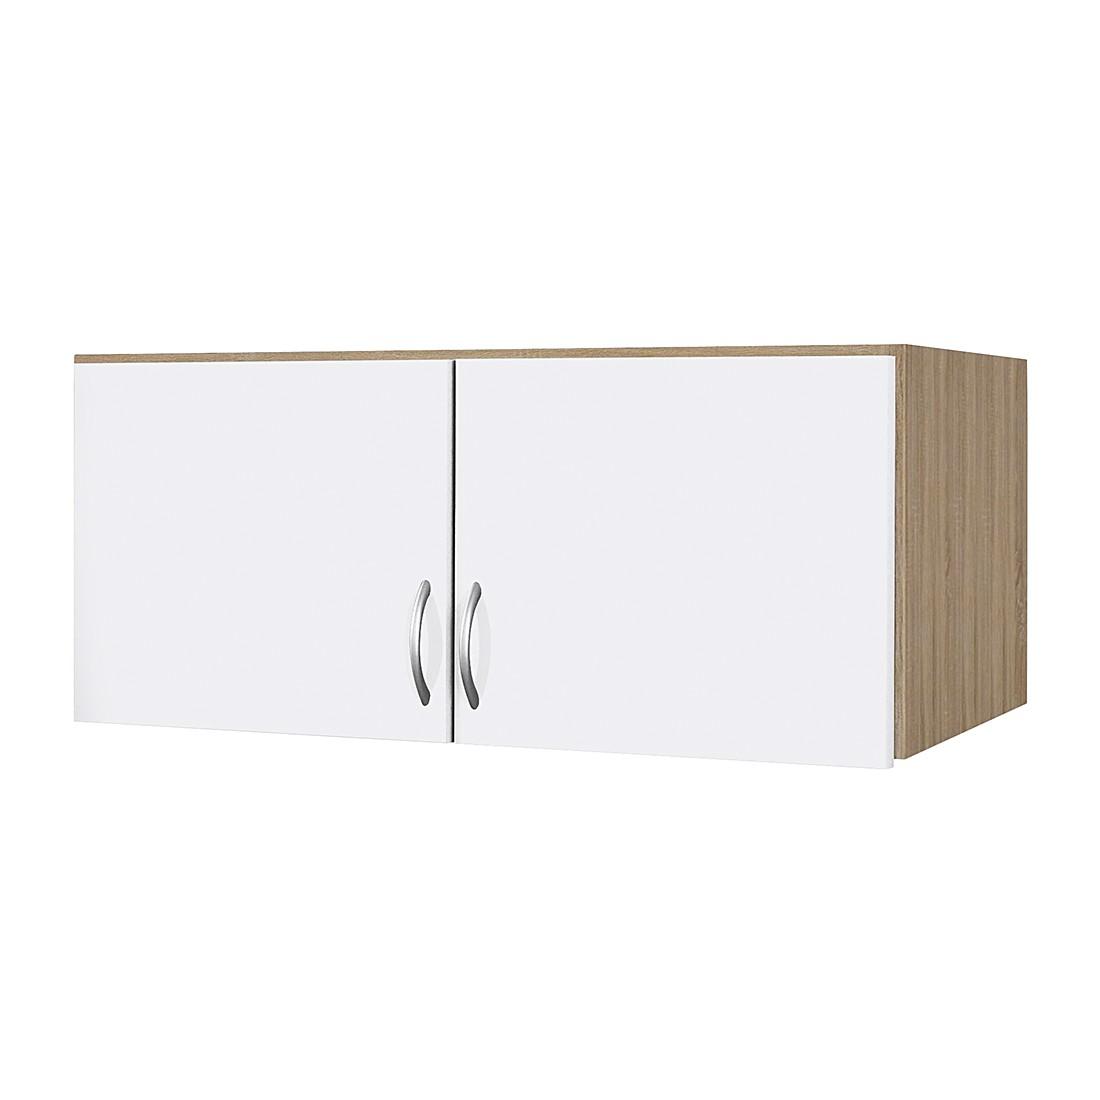 Schrankaufsatz Case – Alpinweiß/Sonoma Eiche Dekor – Aufsatzbreite: 136 cm – 3-türig, Rauch Pack´s online kaufen